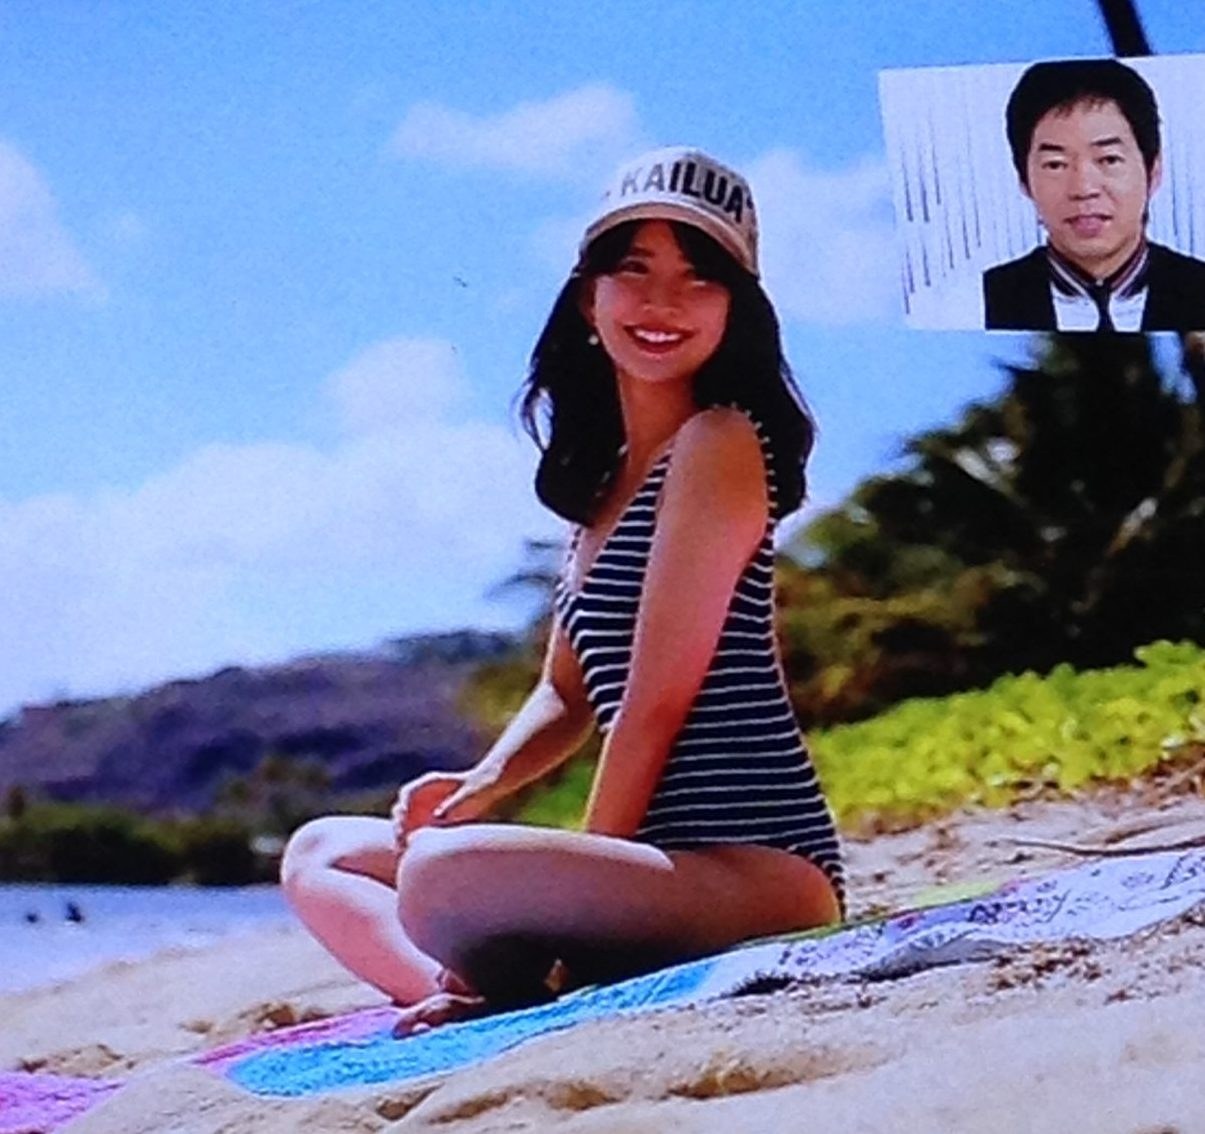 アナザースカイ!小嶋陽菜の肩書に恋愛観は?ハワイで買った水着に世話になった人は?お勧めの店もチェック!